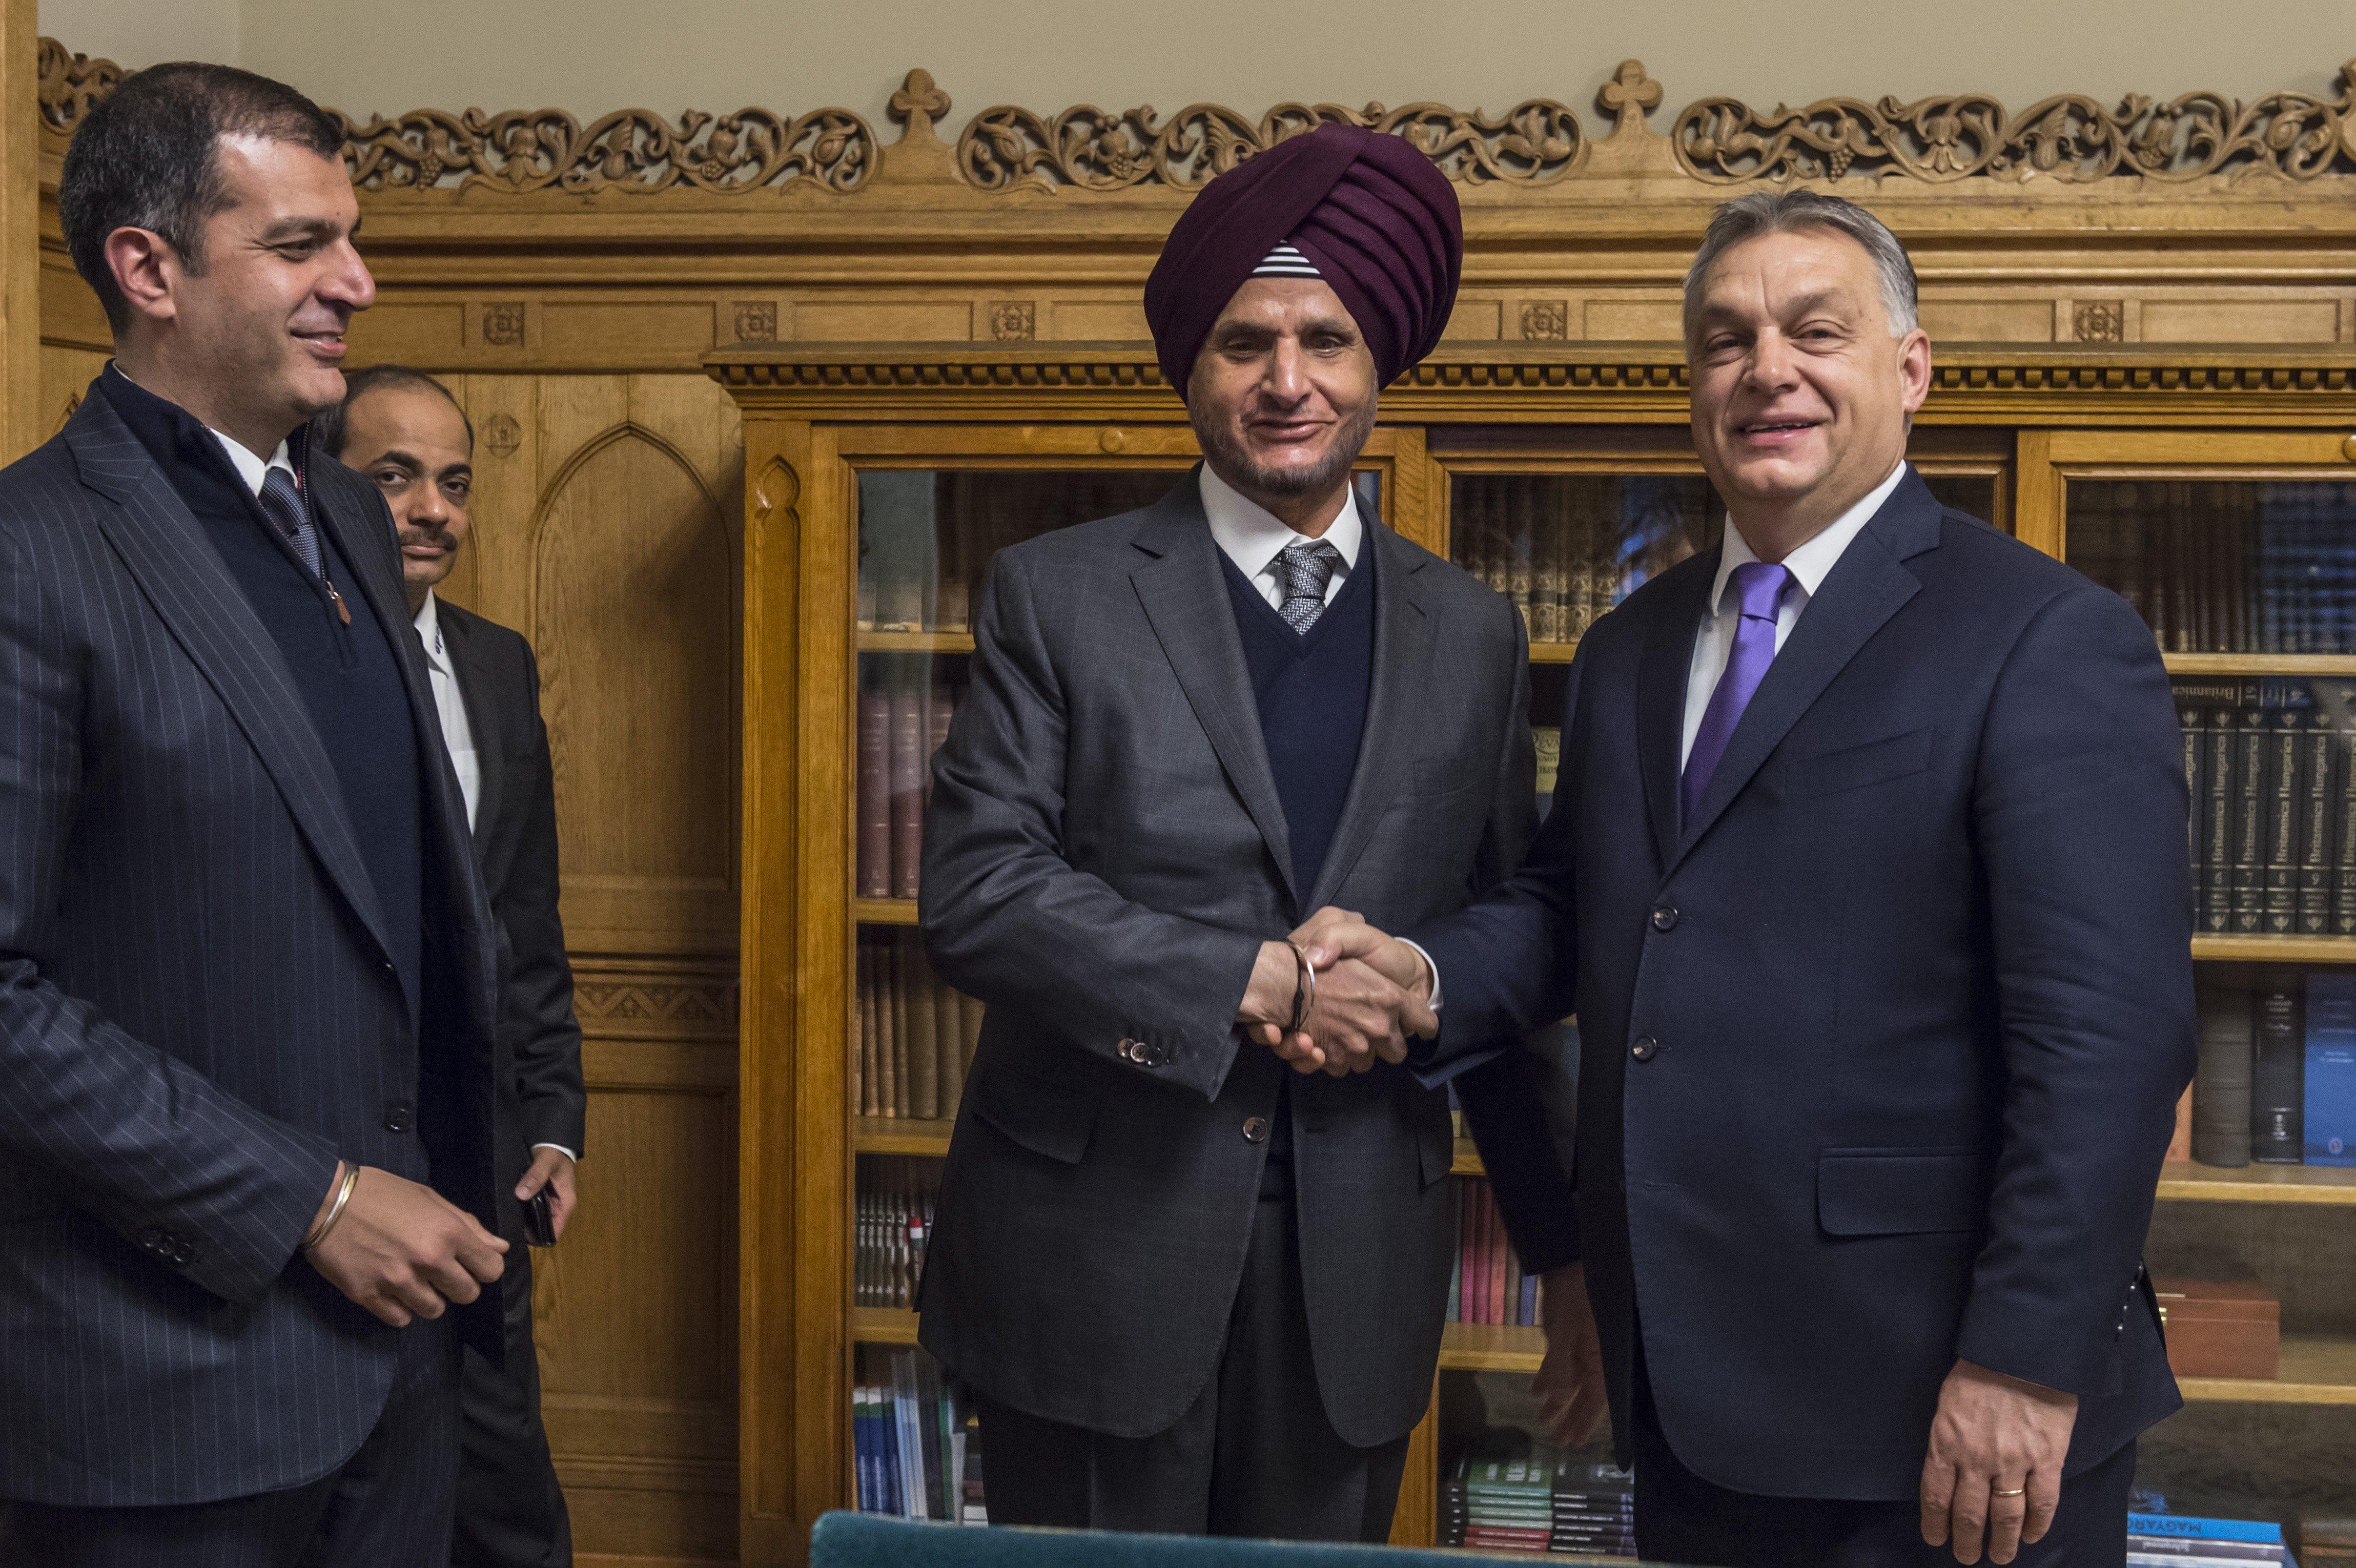 Orbán Viktor miniszterelnök fogadja Onkar Kanwart, az Apollo Tyres Ltd. elnökét (j2) és Neeraj Kanwar alelnököt, ügyvezető igazgatót (b) (Fotó forrása: Miniszterelnöki Sajtóiroda / Árvai Károly MTI Fotó: Miniszterelnöki Sajtóiroda / Árvai Károly)